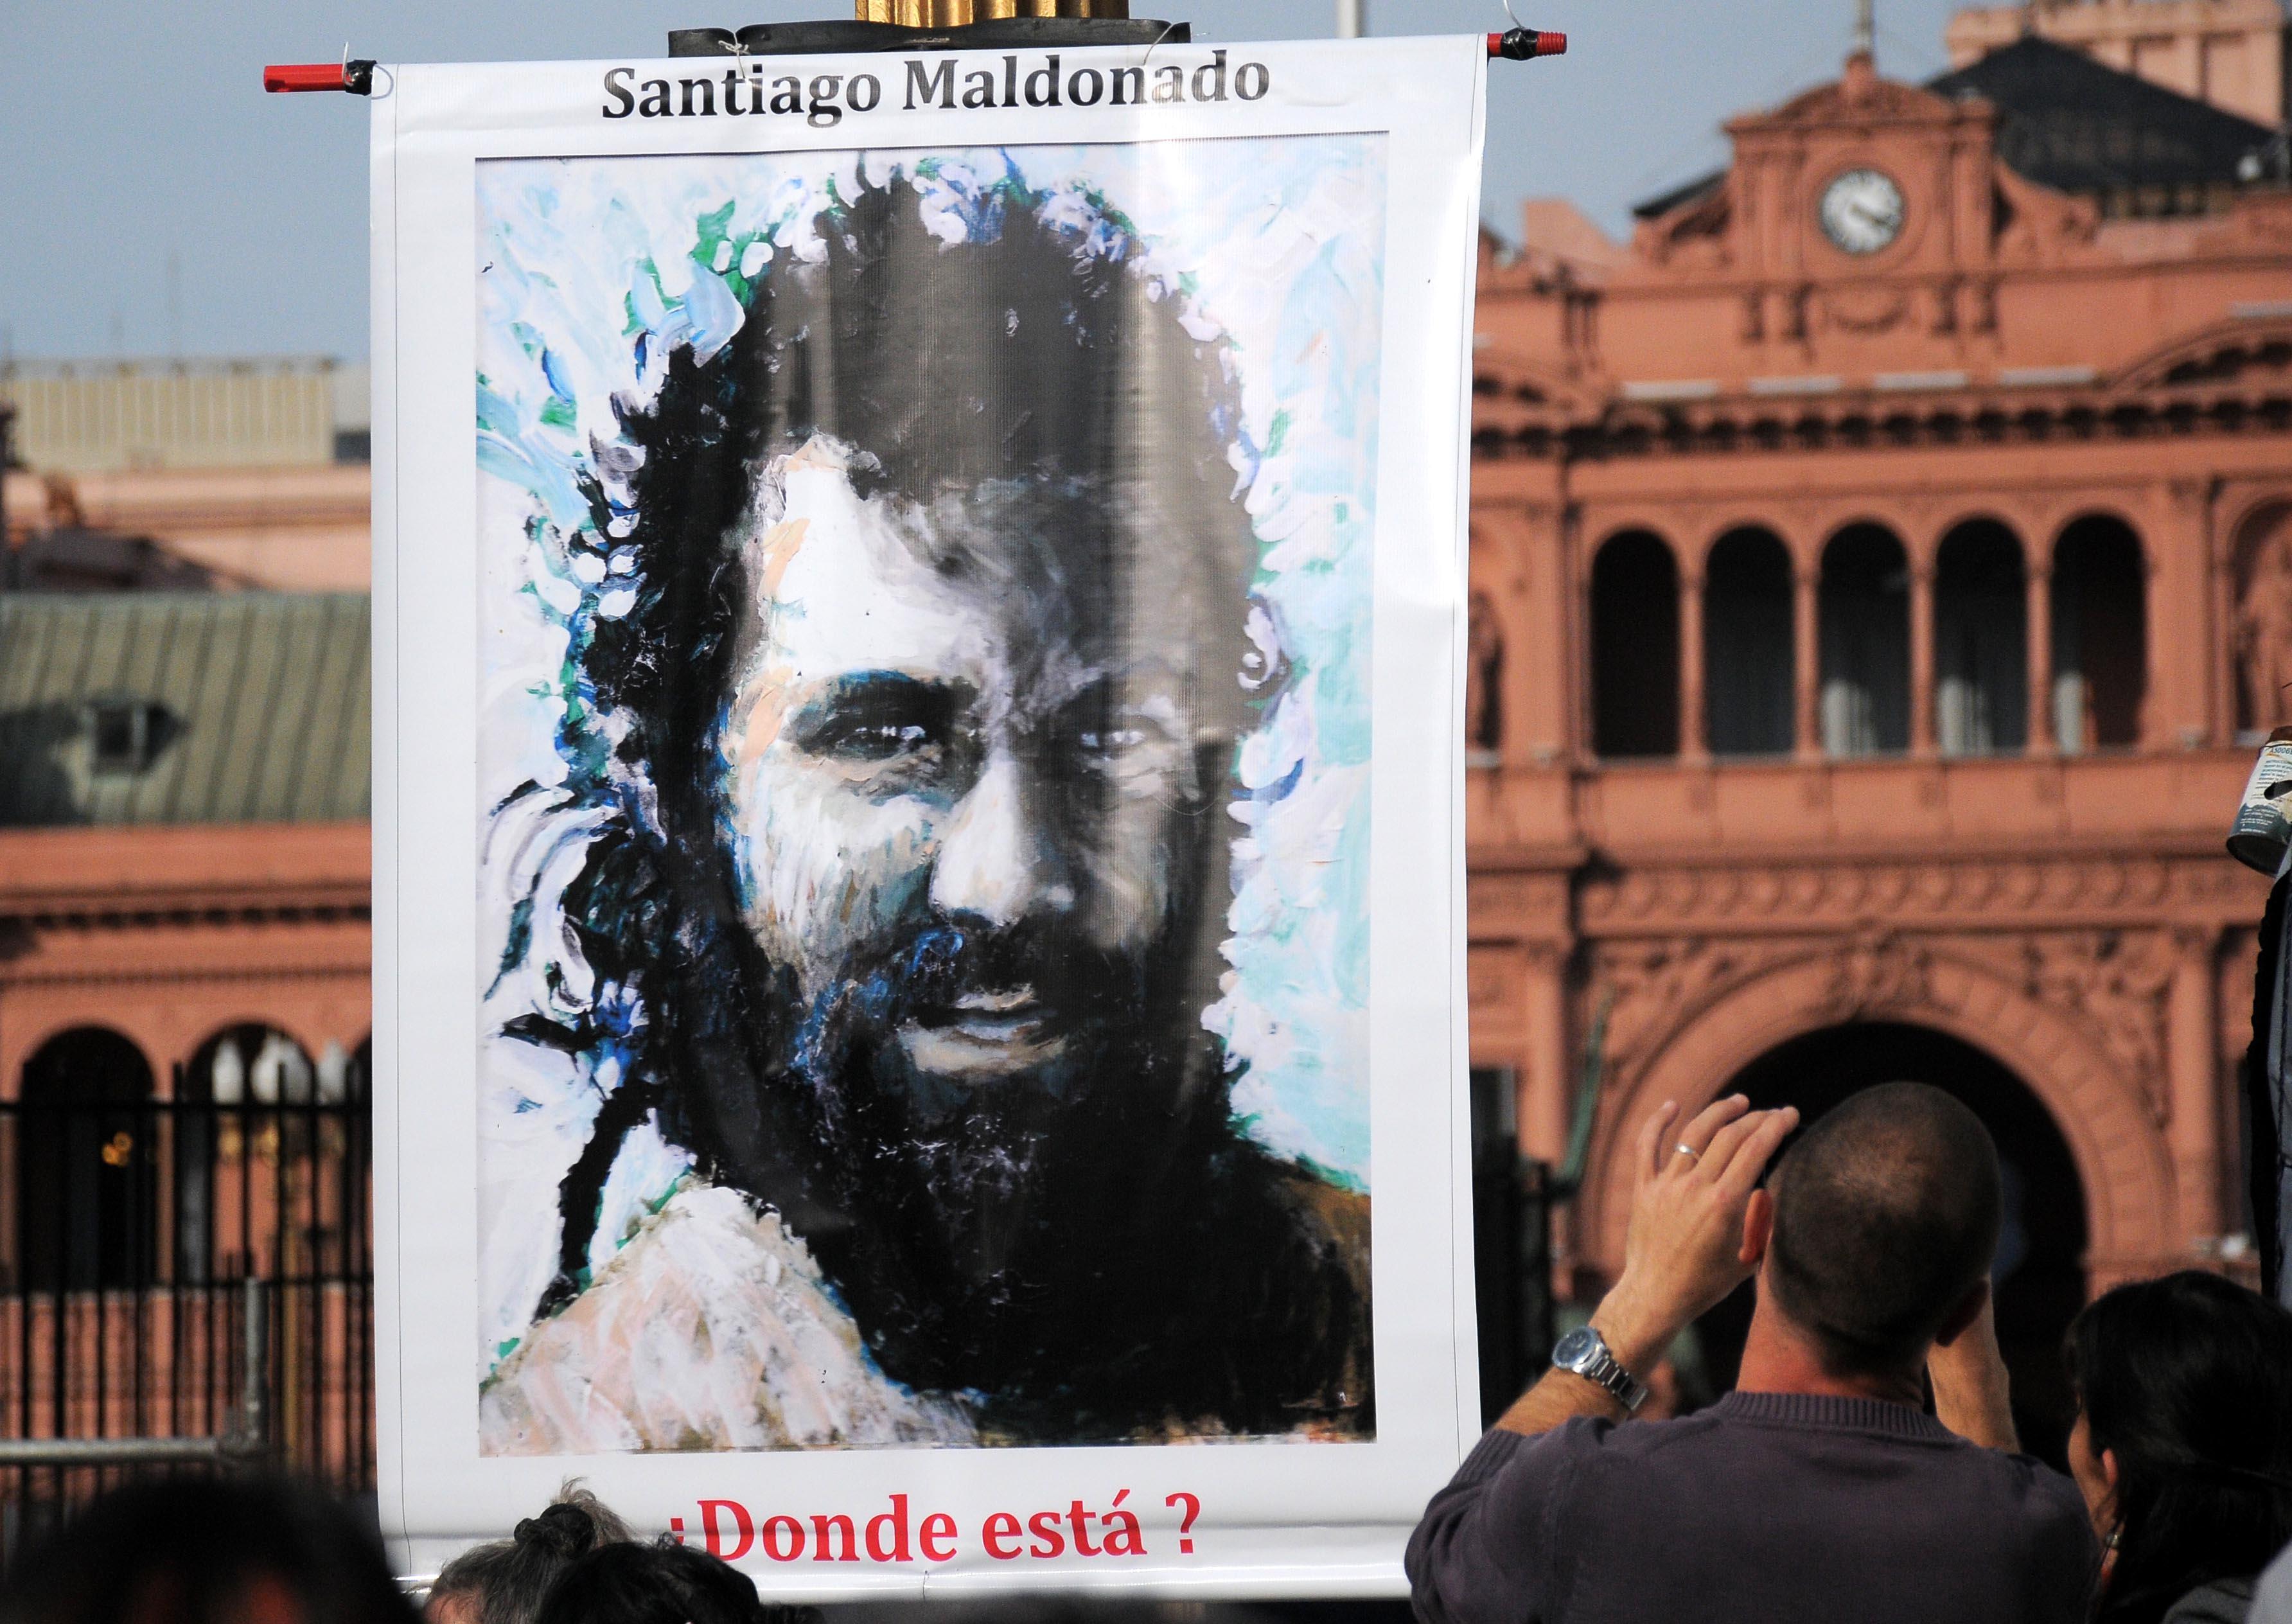 Organizaciones sociales y familiares de Santiago Maldonado, el joven desaparecido hace un mes, reclaman su aparición con vida durante la marcha en Plaza de Mayo.